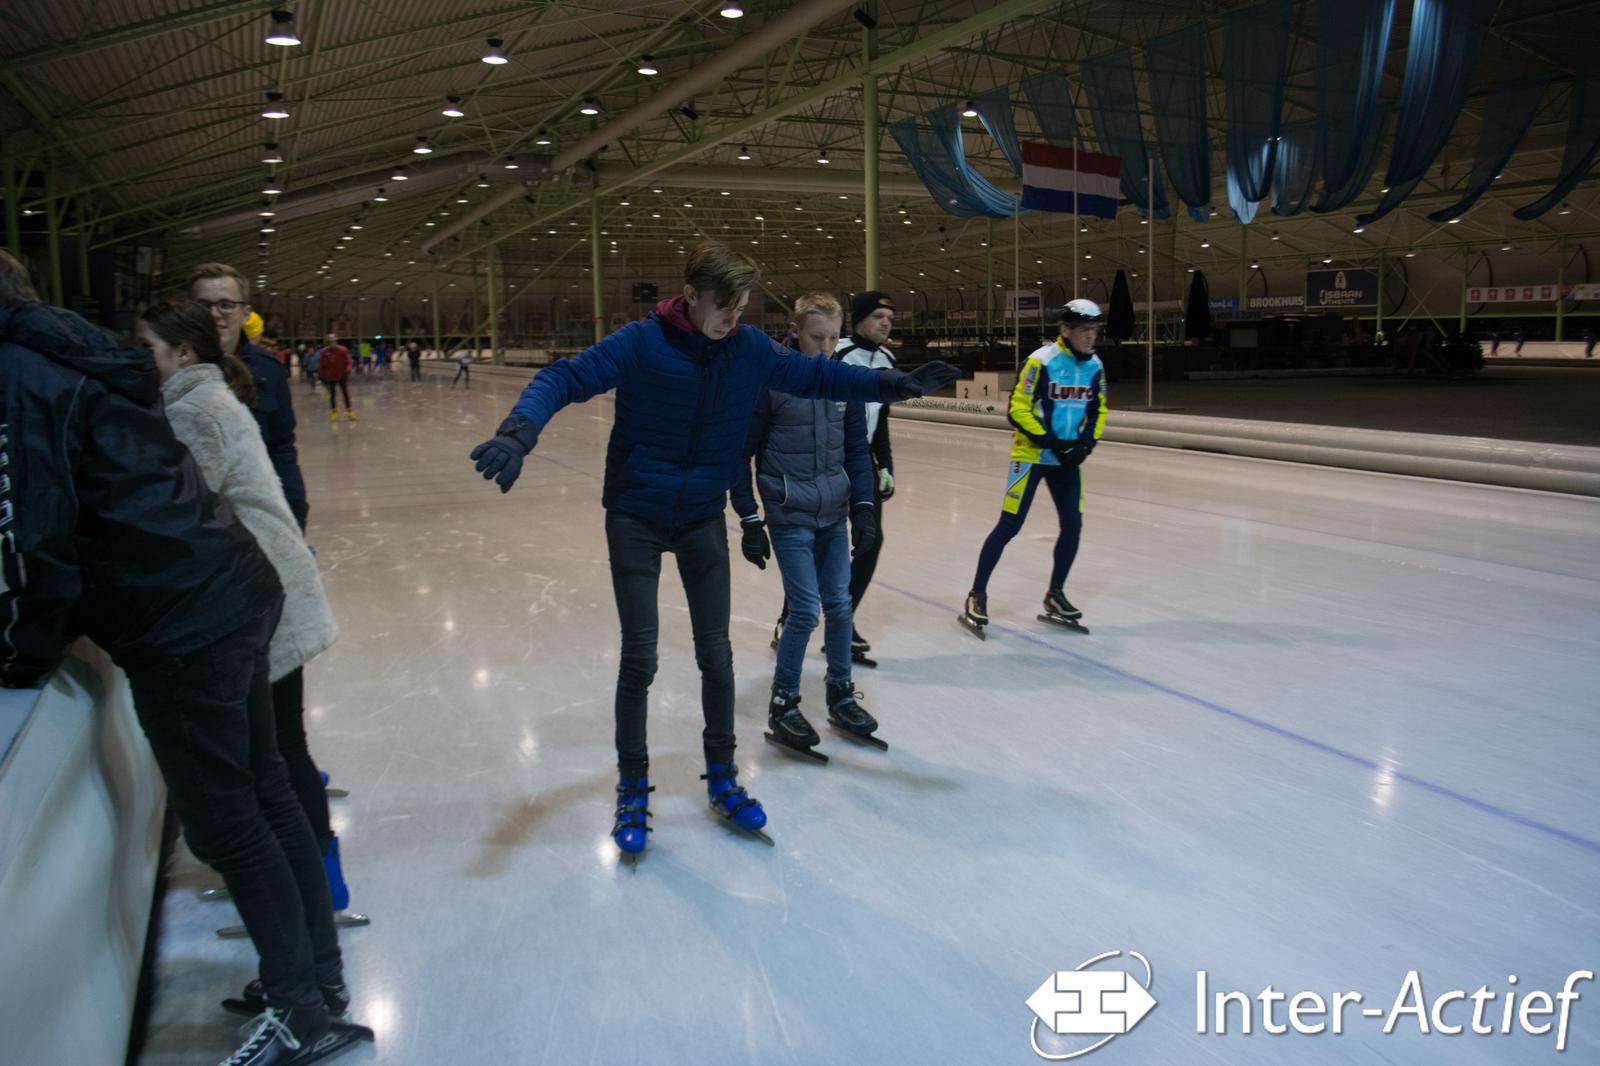 IceSkating20200116_NielsdeGroot-3.jpg